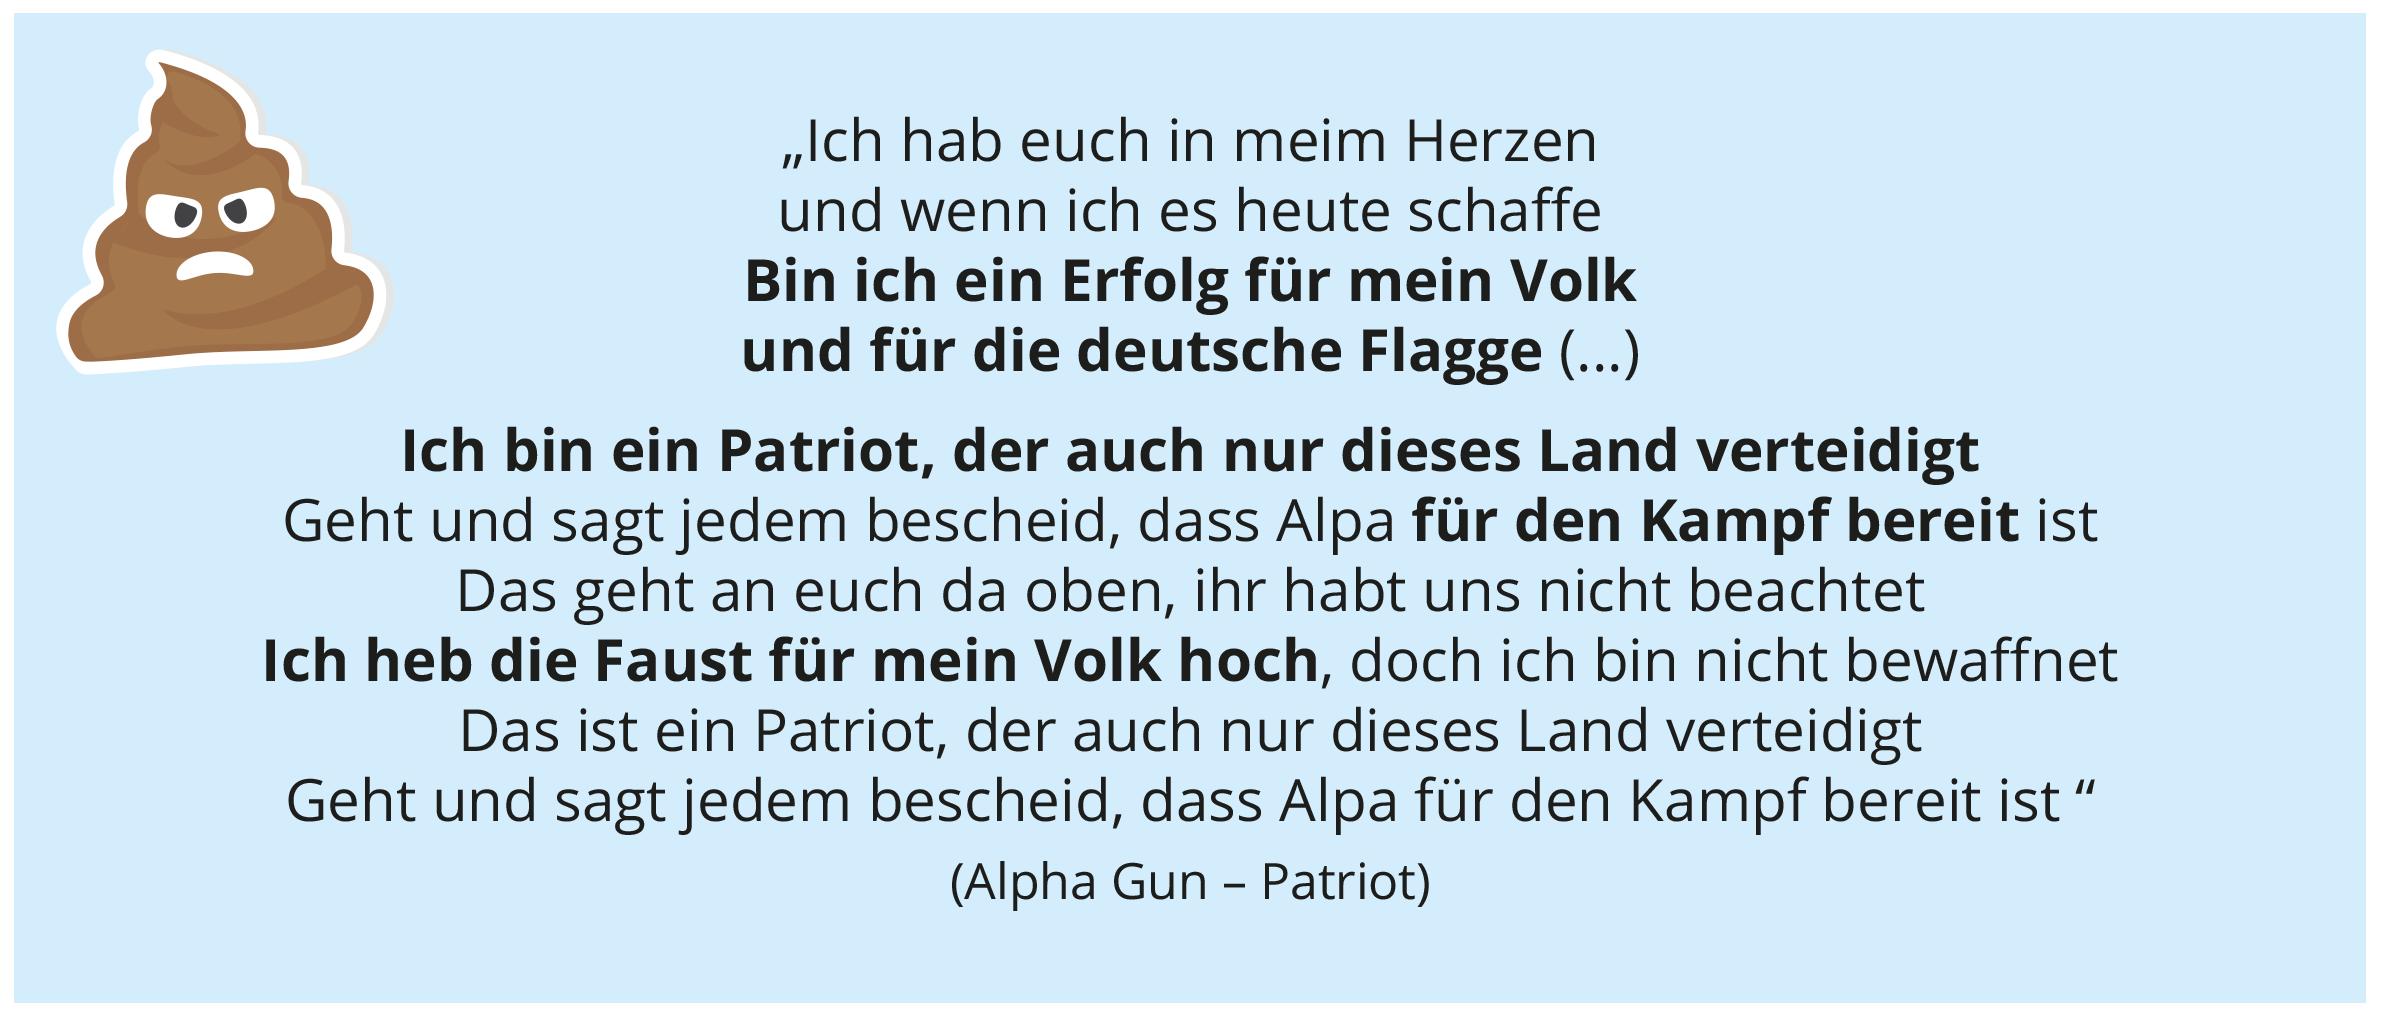 """""""Ich hab euch in meim Herzen und wenn ich es heute schaff e Bin ich ein Erfolg für mein Volk und für die deutsche Flagge (...) Ich bin ein Patriot, der auch nur dieses Land verteidigt Geht und sagt jedem bescheid, dass Alpa für den Kampf bereit ist Das geht an euch da oben, ihr habt uns nicht beachtet Ich heb die Faust für mein Volk hoch, doch ich bin nicht bewaff net Das ist ein Patriot, der auch nur dieses Land verteidigt Geht und sagt jedem bescheid, dass Alpa für den Kampf bereit ist """" (Alpha Gun – Patriot)"""